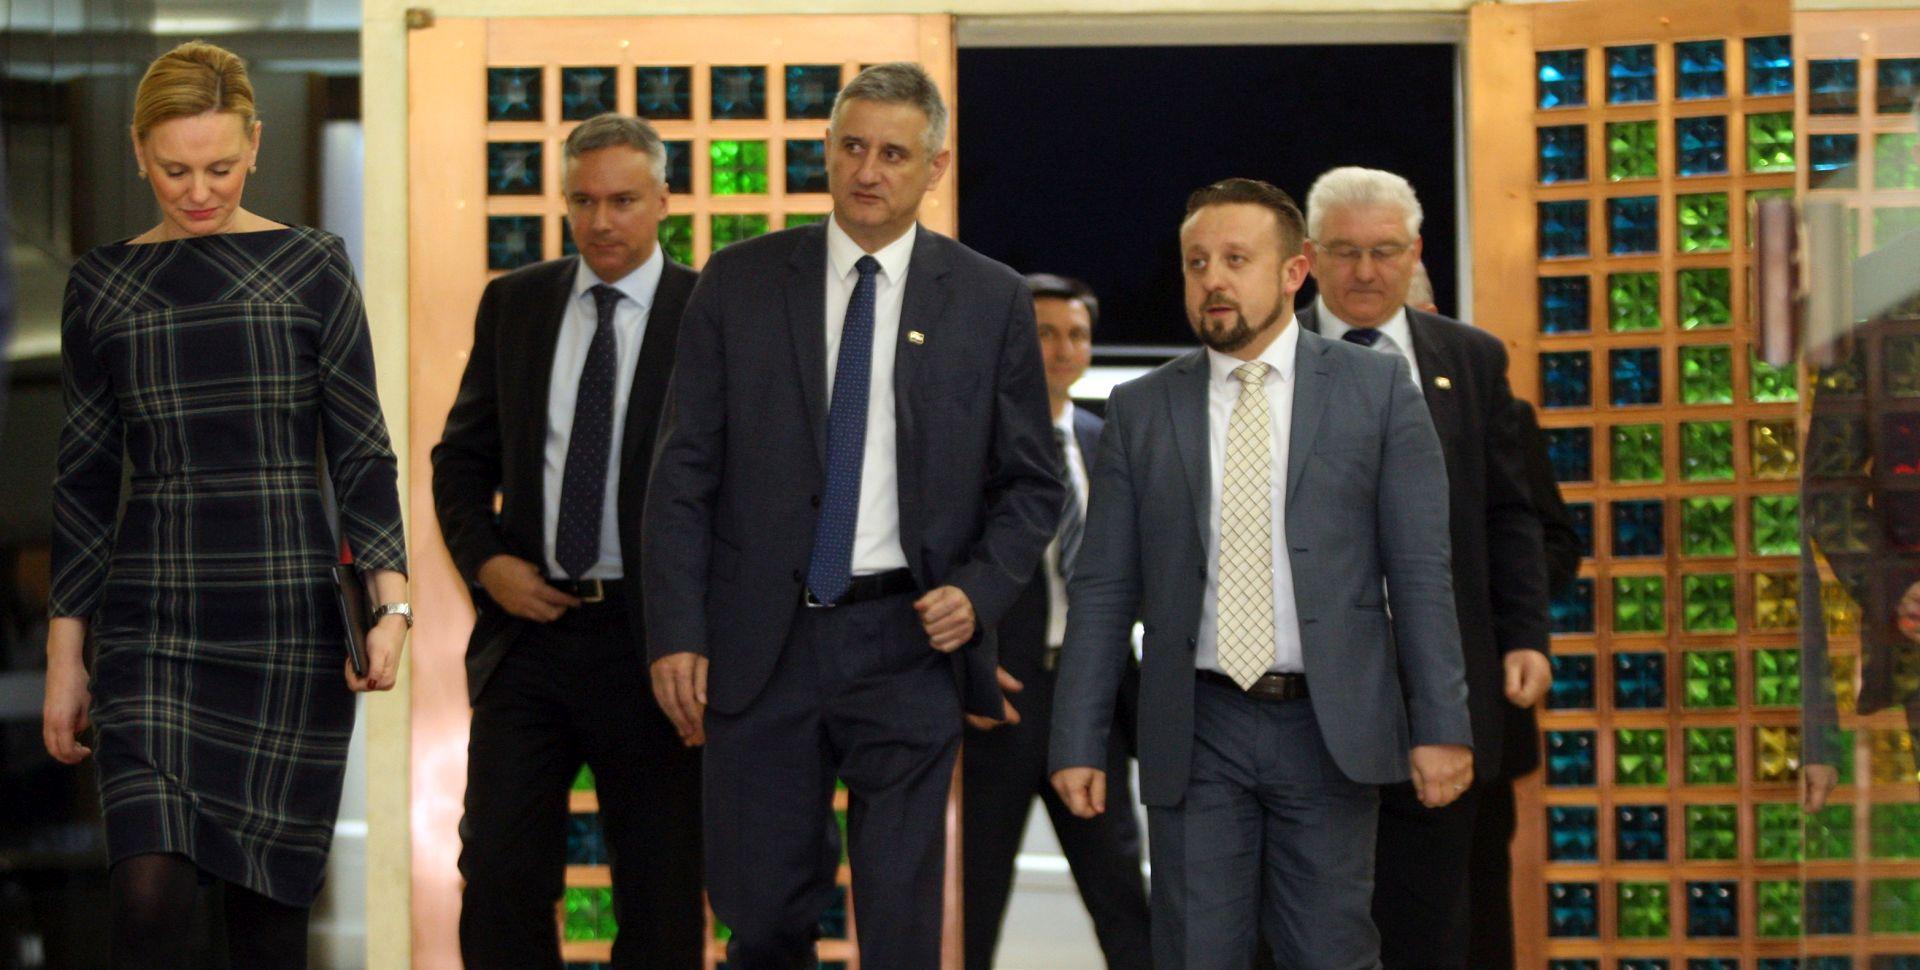 NAKON KONZULTACIJA Karamarko: Domoljubna koalicija će s Mostom imati više nego dovoljno potpisa